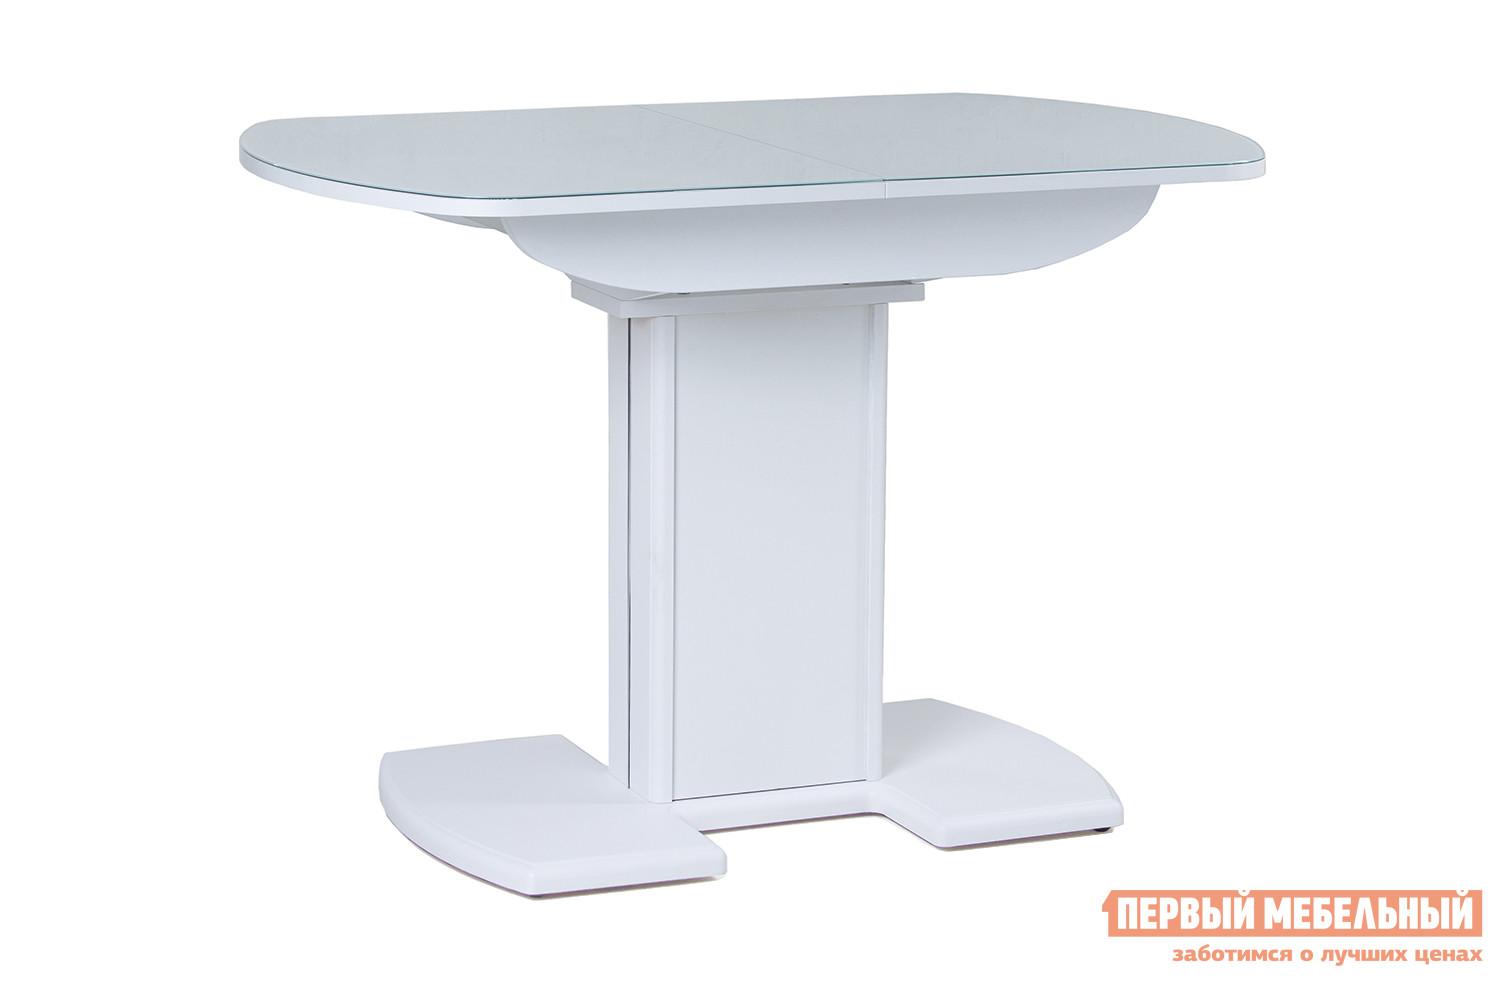 купить Обеденный стол Первый Мебельный Обеденный стол Сицилия моно по цене 13990 рублей